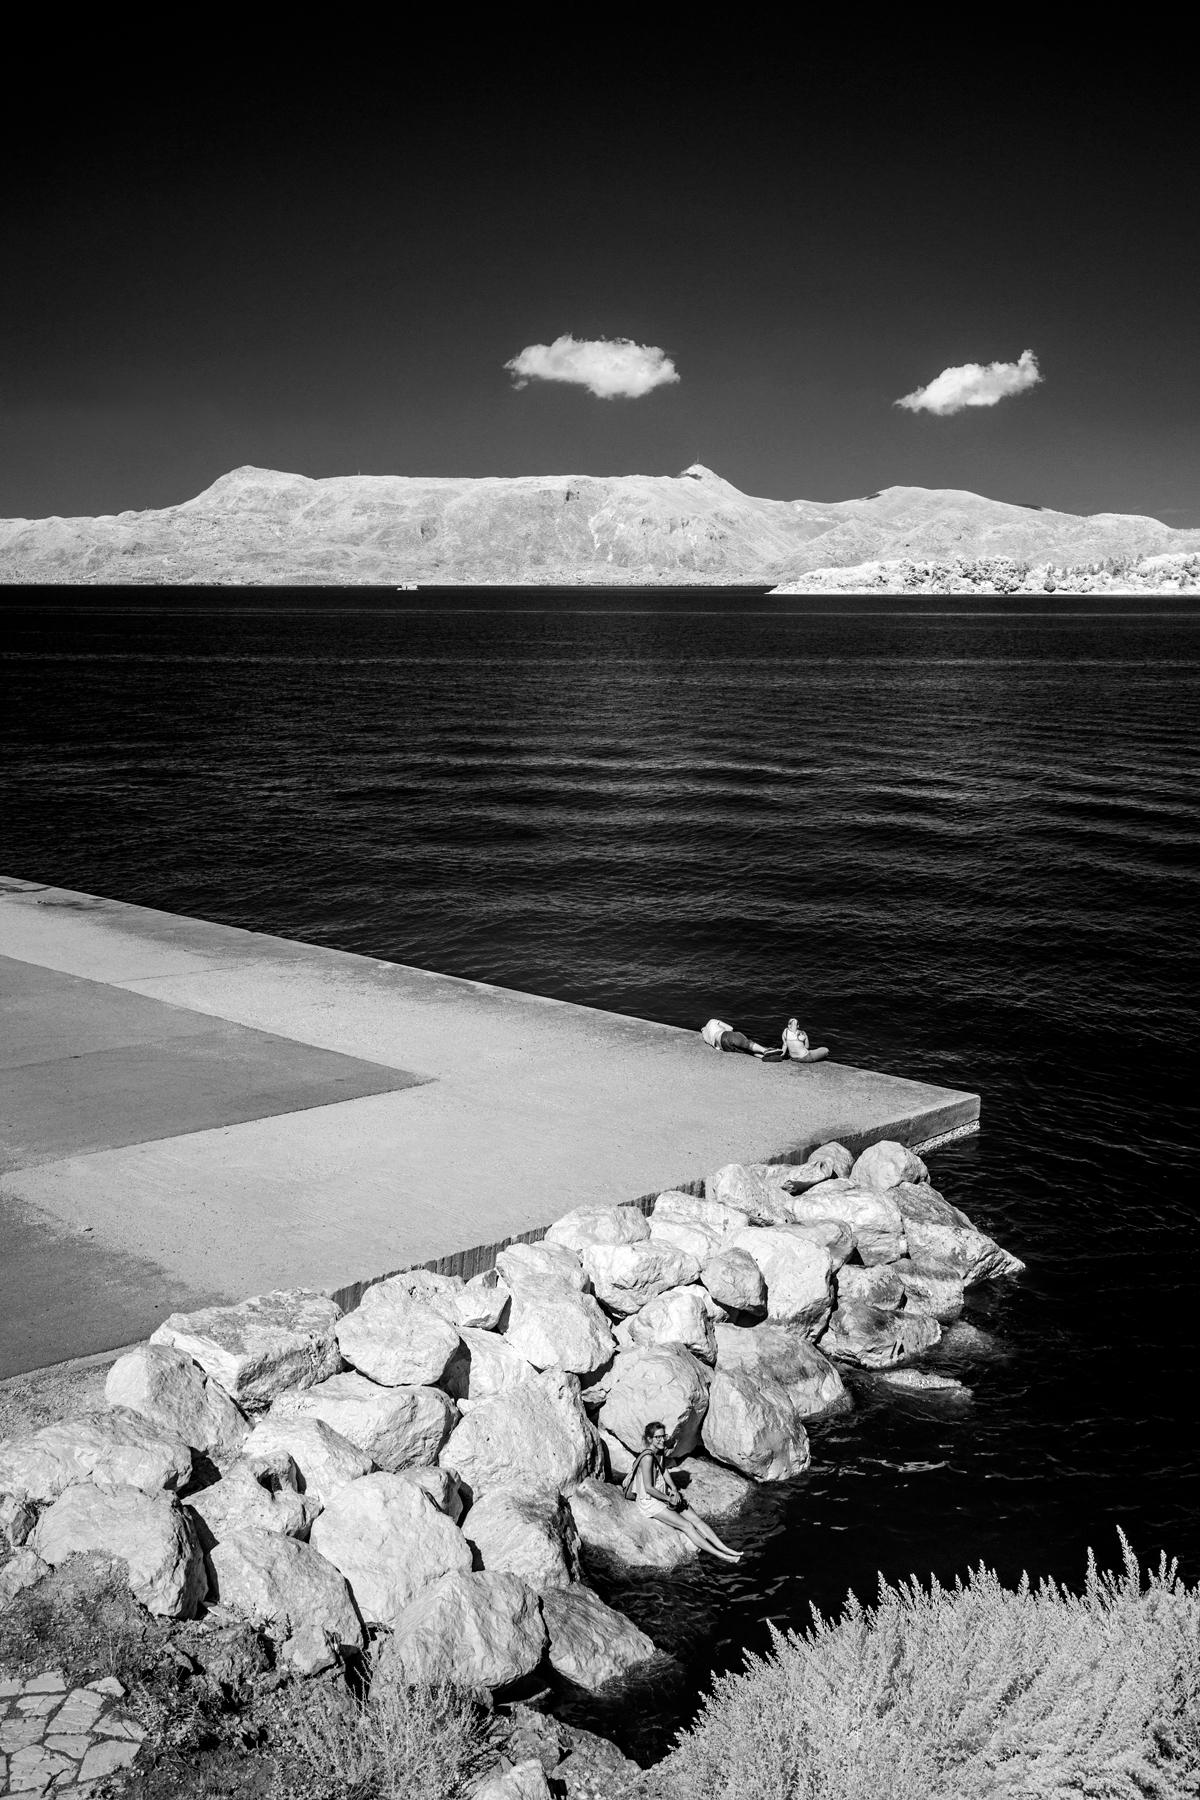 Pepe_Pax_The Kérkyra Arsenal Beach.jpg